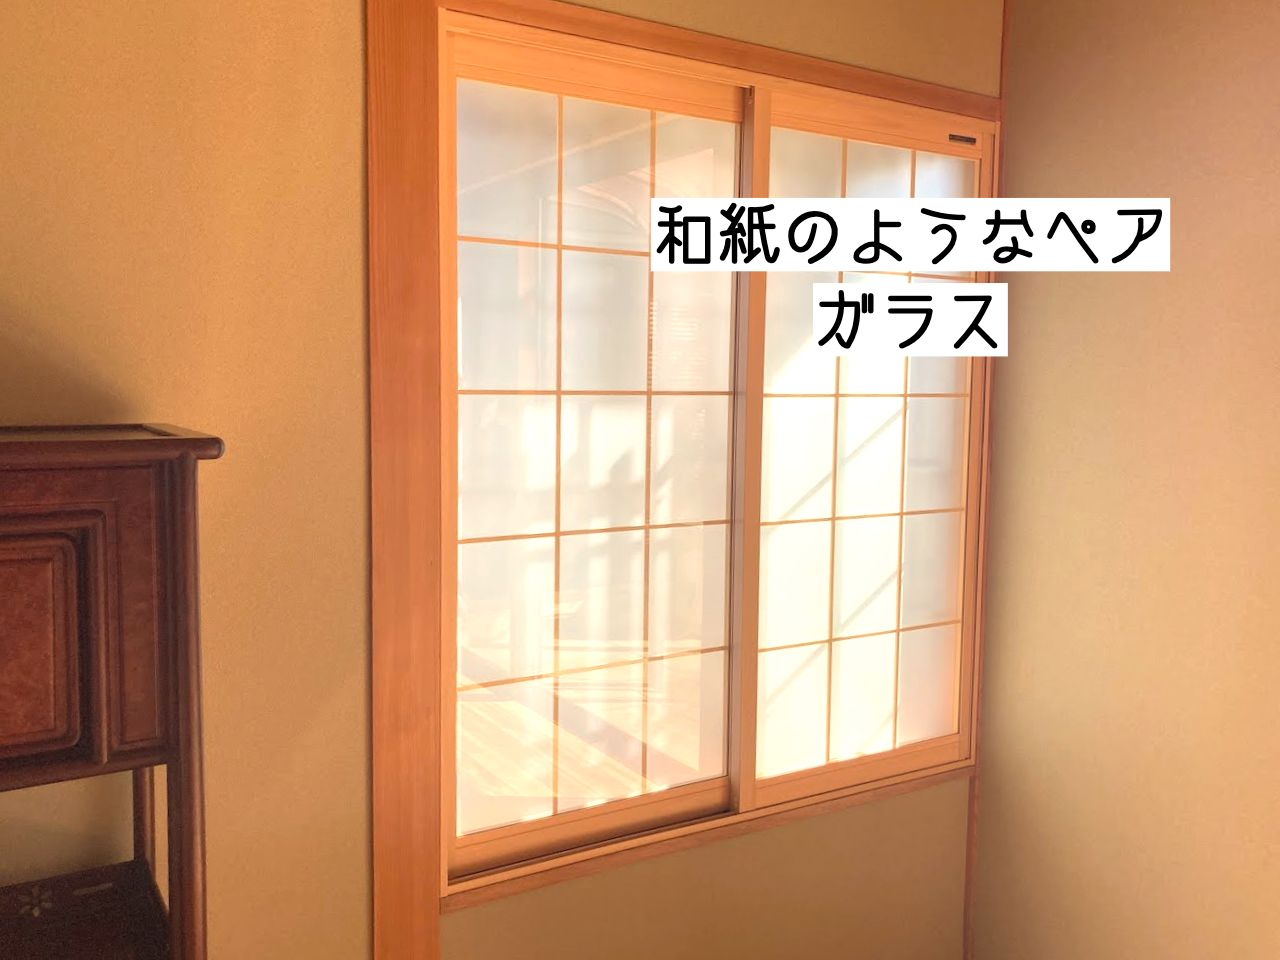 和障子ような内窓 美しい・・・